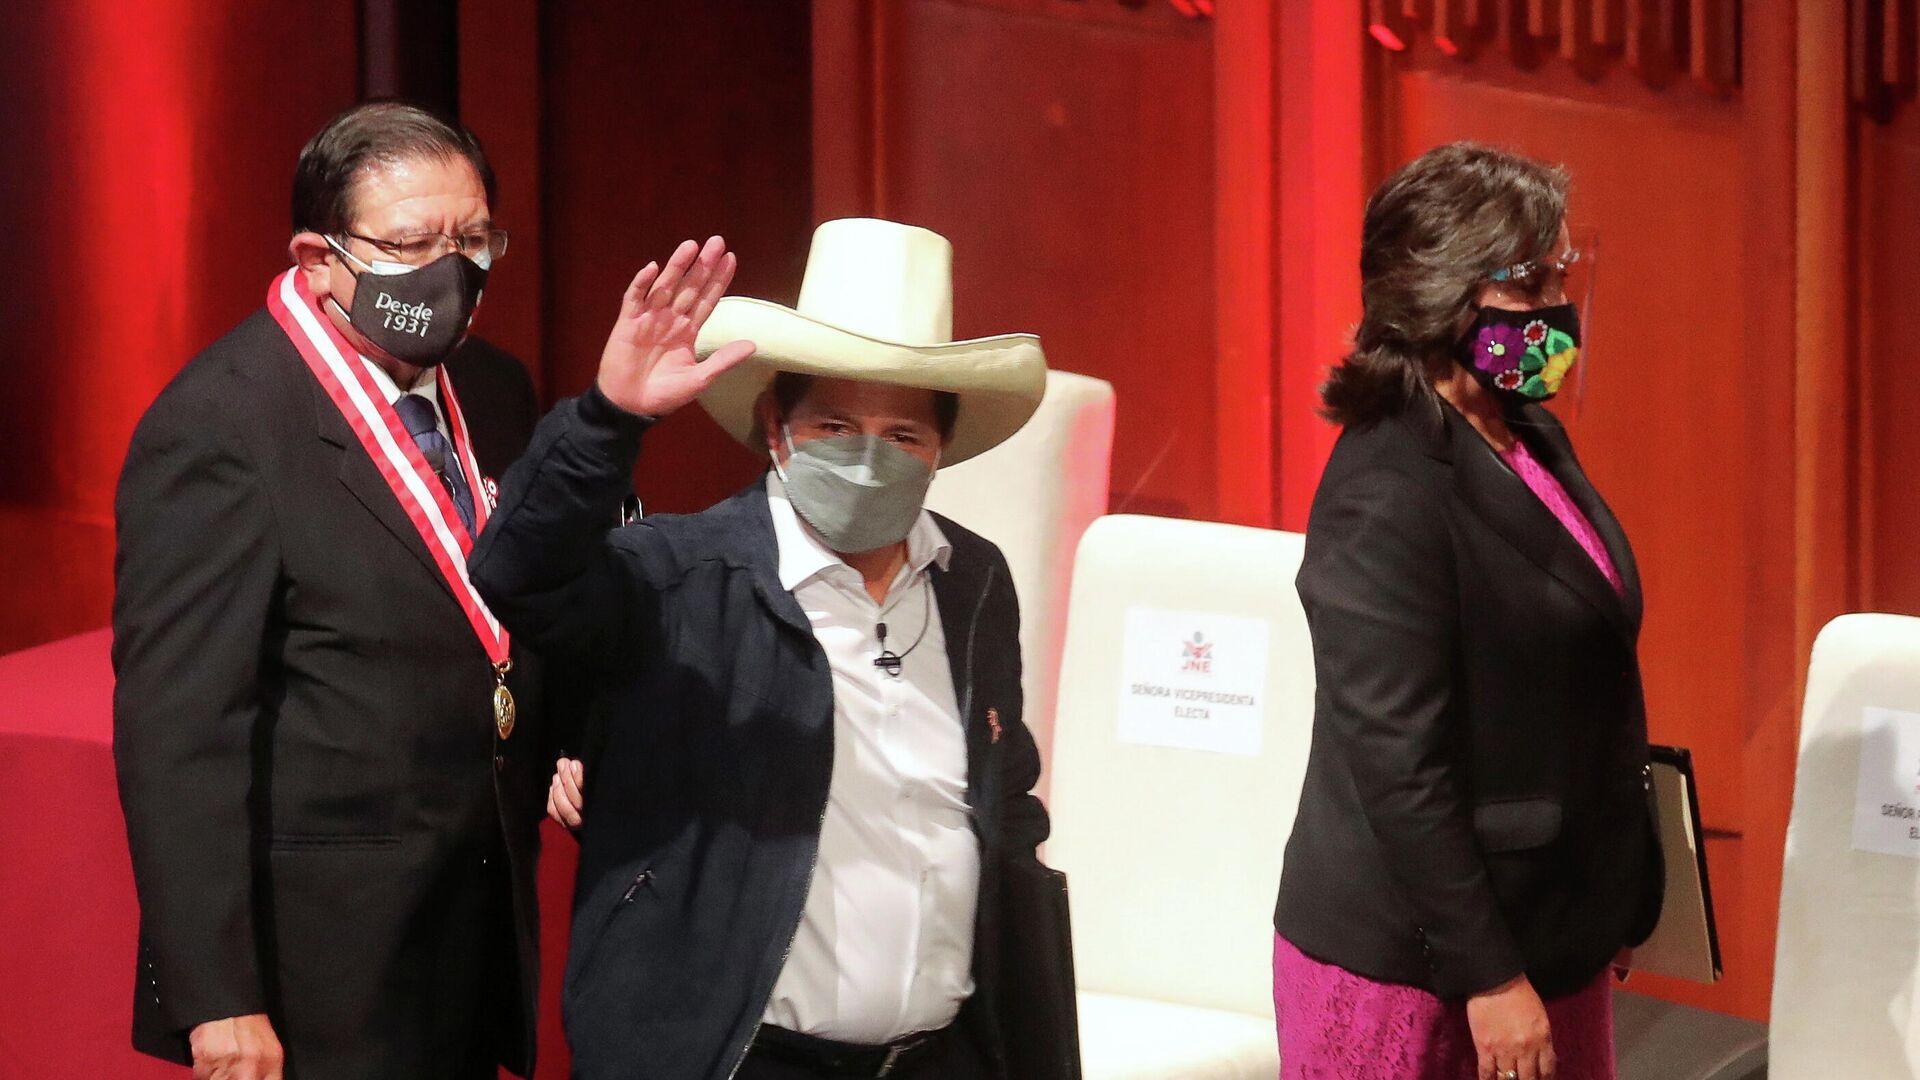 Pedro Castillo, presidente electo de Perú, recibe las cartas credenciales para la presidencia - Sputnik Mundo, 1920, 27.07.2021